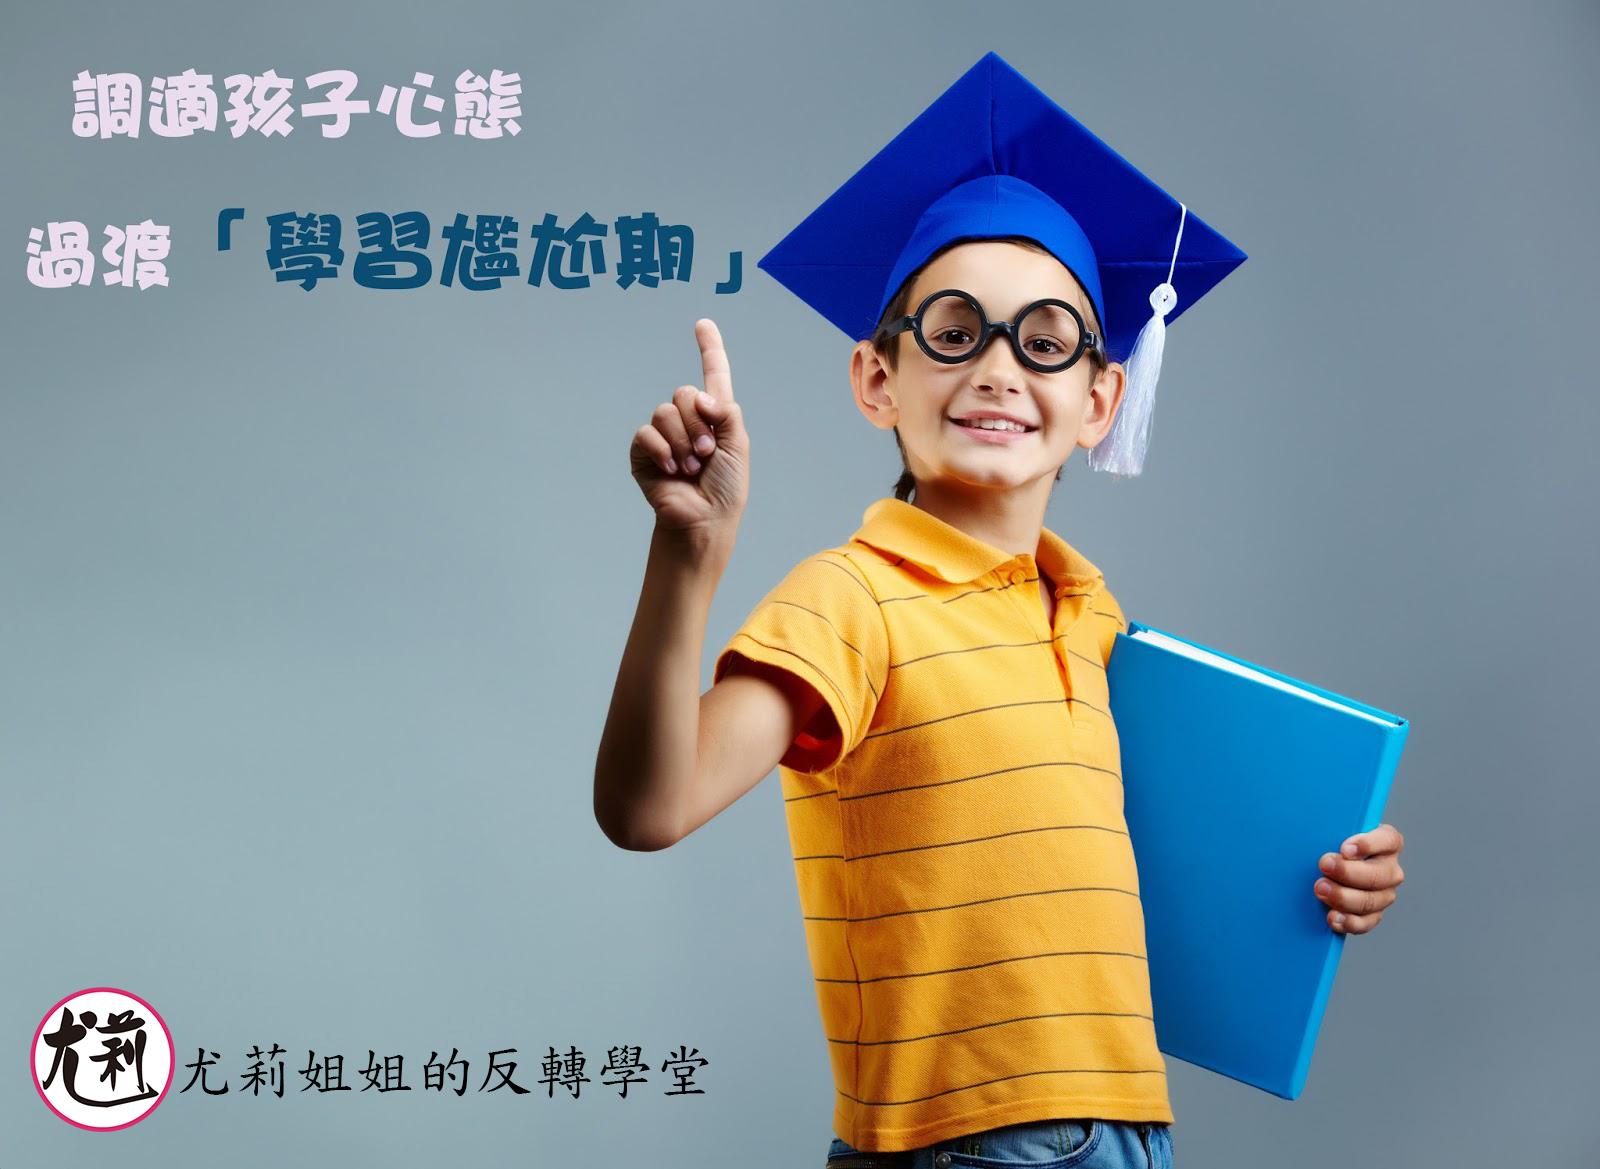 調適孩子心態,過渡中一「學習尷尬期」|教育新知|尤莉姐姐的反轉學堂